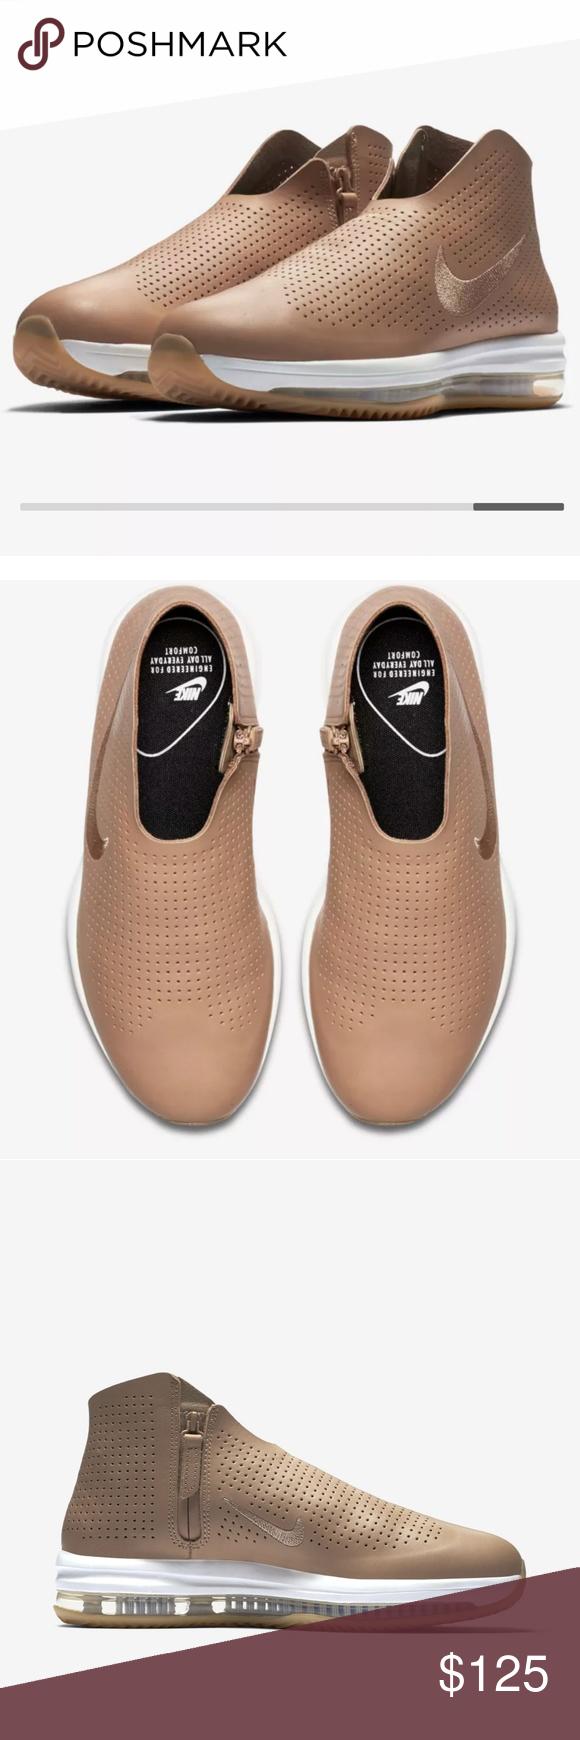 83db40d312f7 Nike ZOOM MODAIRNA TAN- NIB WMNS ZOOM MODAIRNA VACHETTA TAN The Zoom  Modairna ushers in